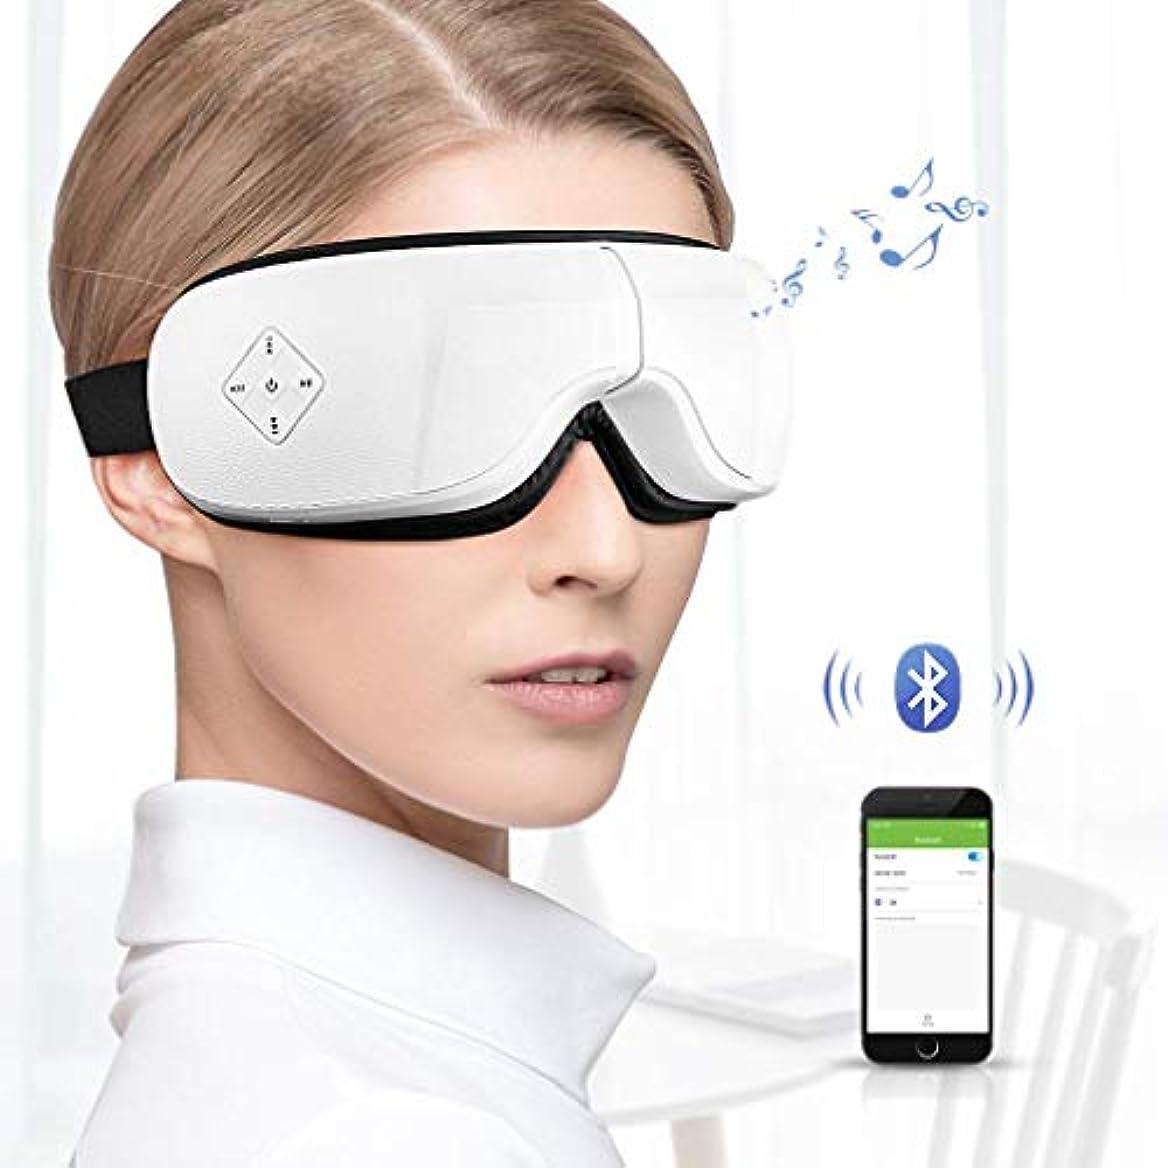 ストライプリーお別れ電動アイケアマッサージ器の振動は熱圧でスマートな指圧を軽減します空気圧振動目のストレス解消のための音楽